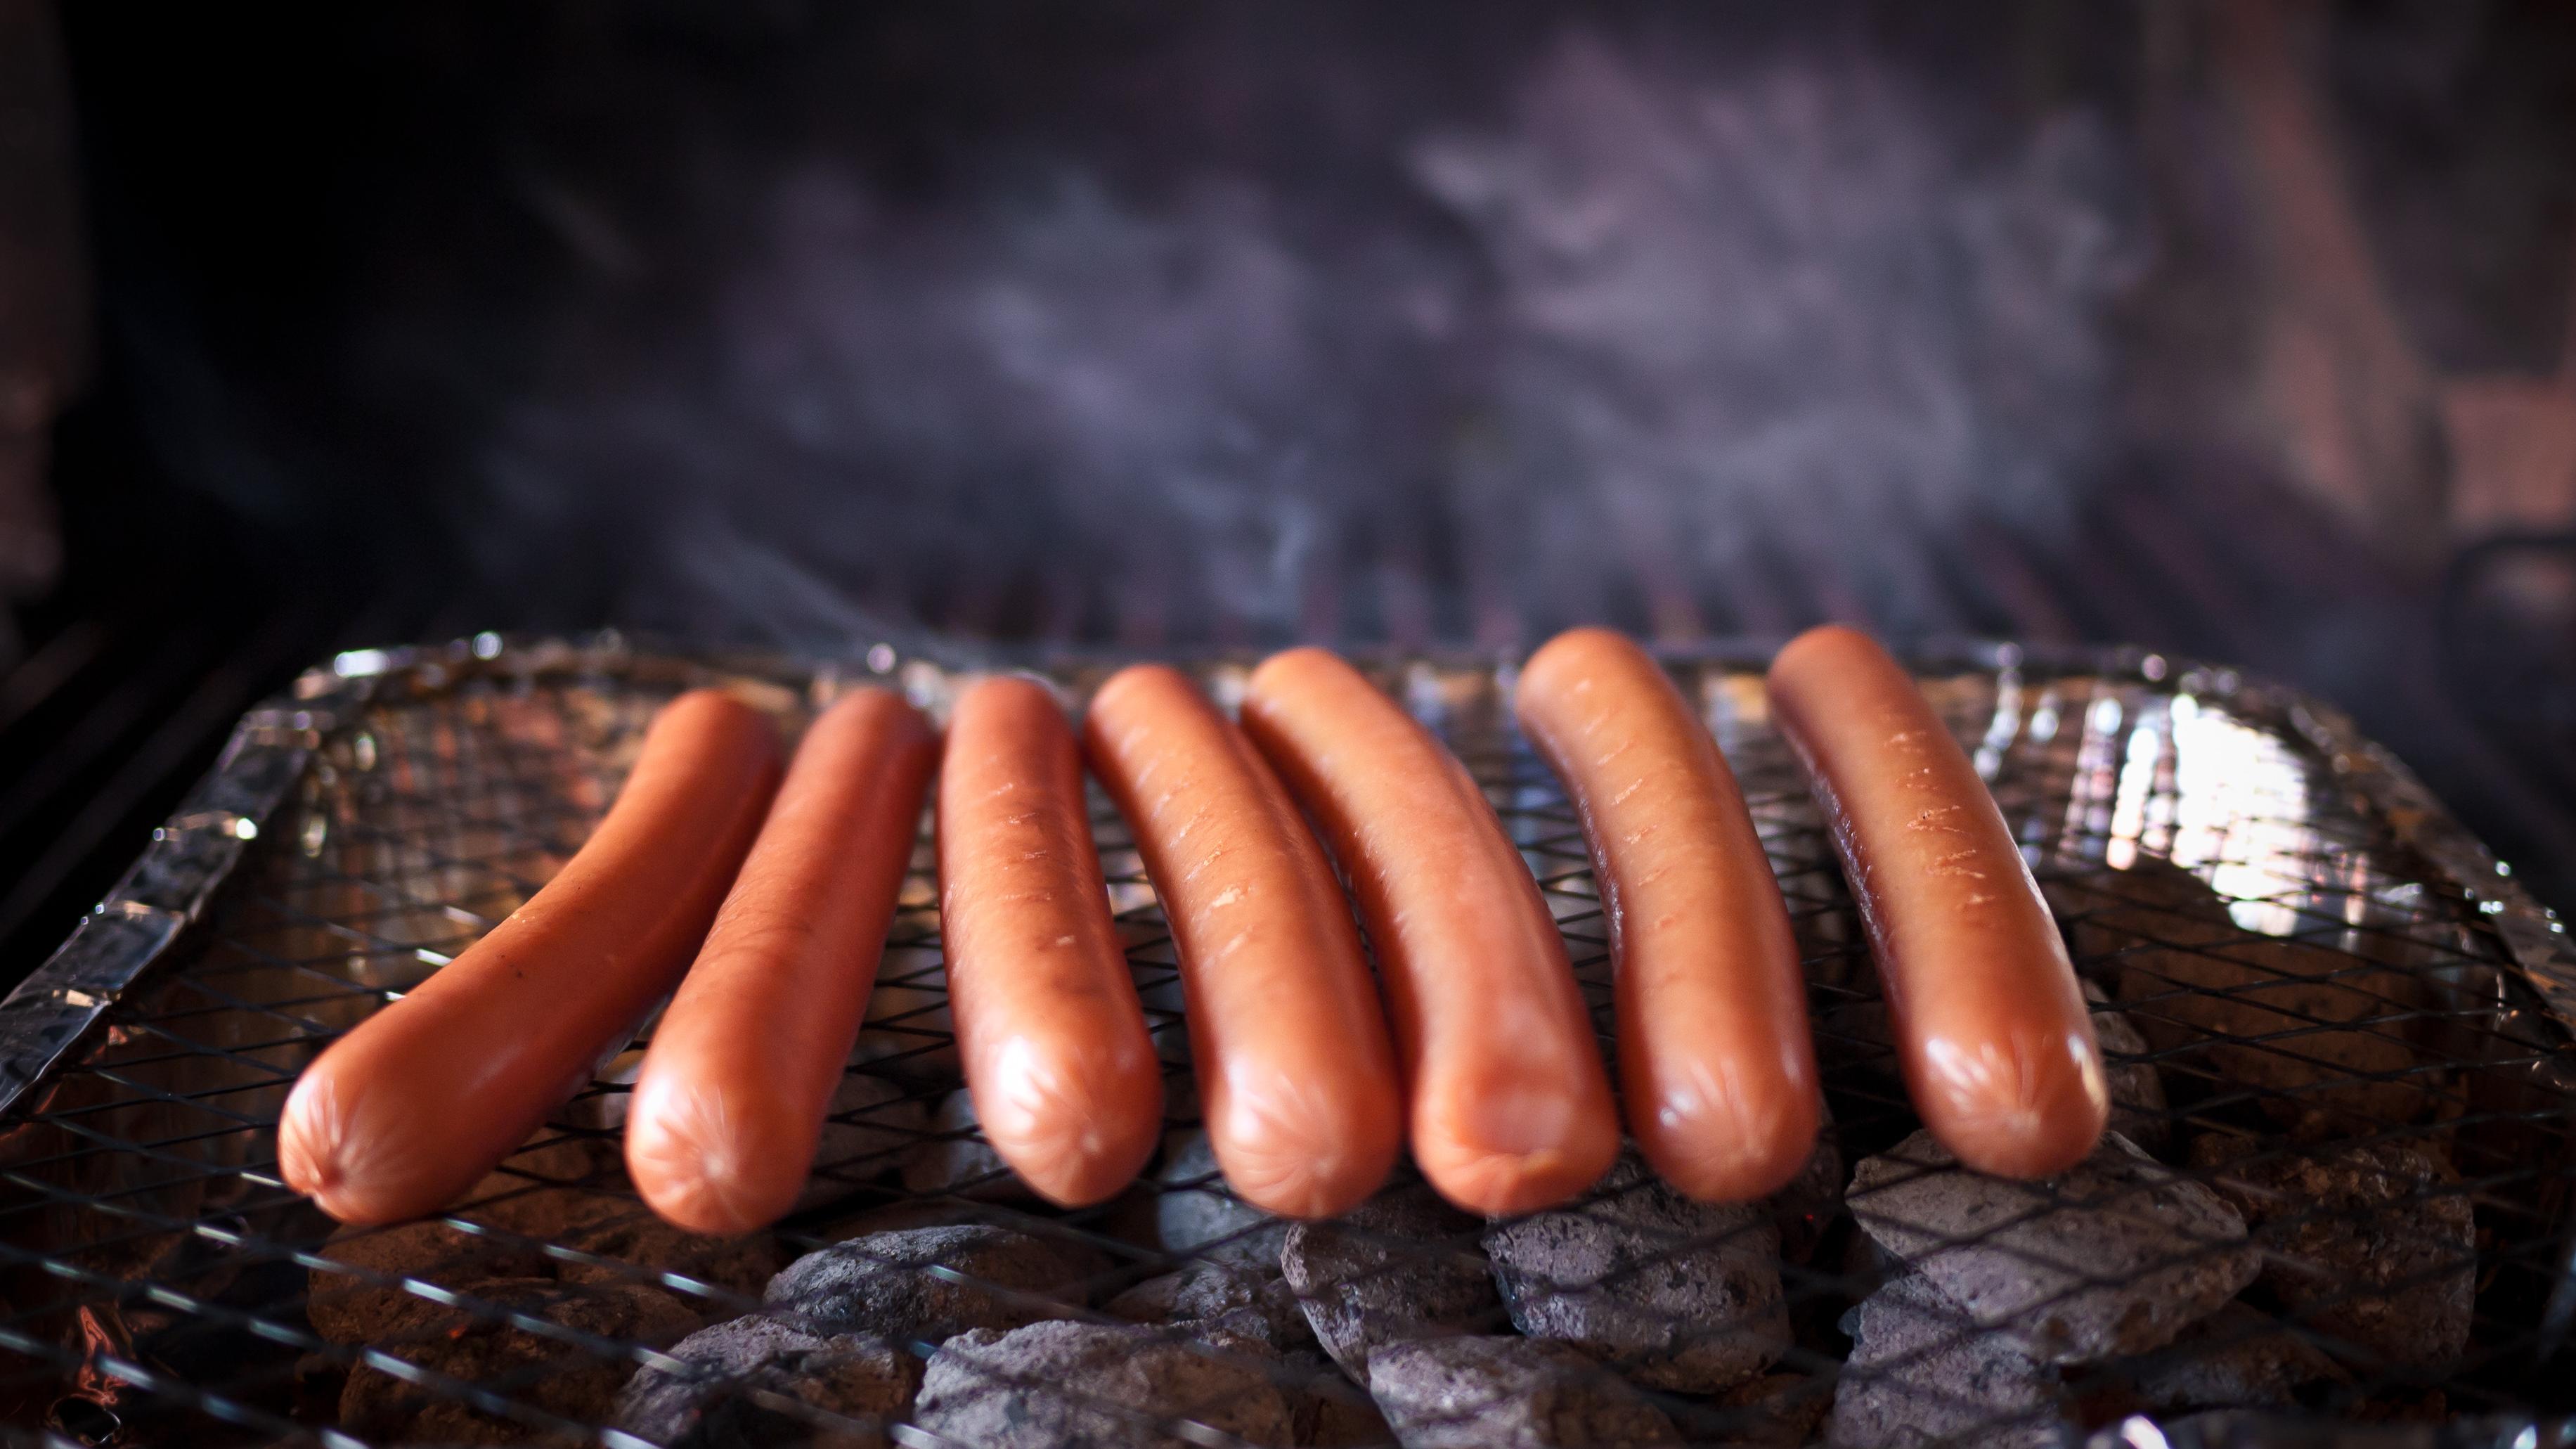 Man Trolls Festival-Goers By Selling Hot Dog Water For £30 A Bottle